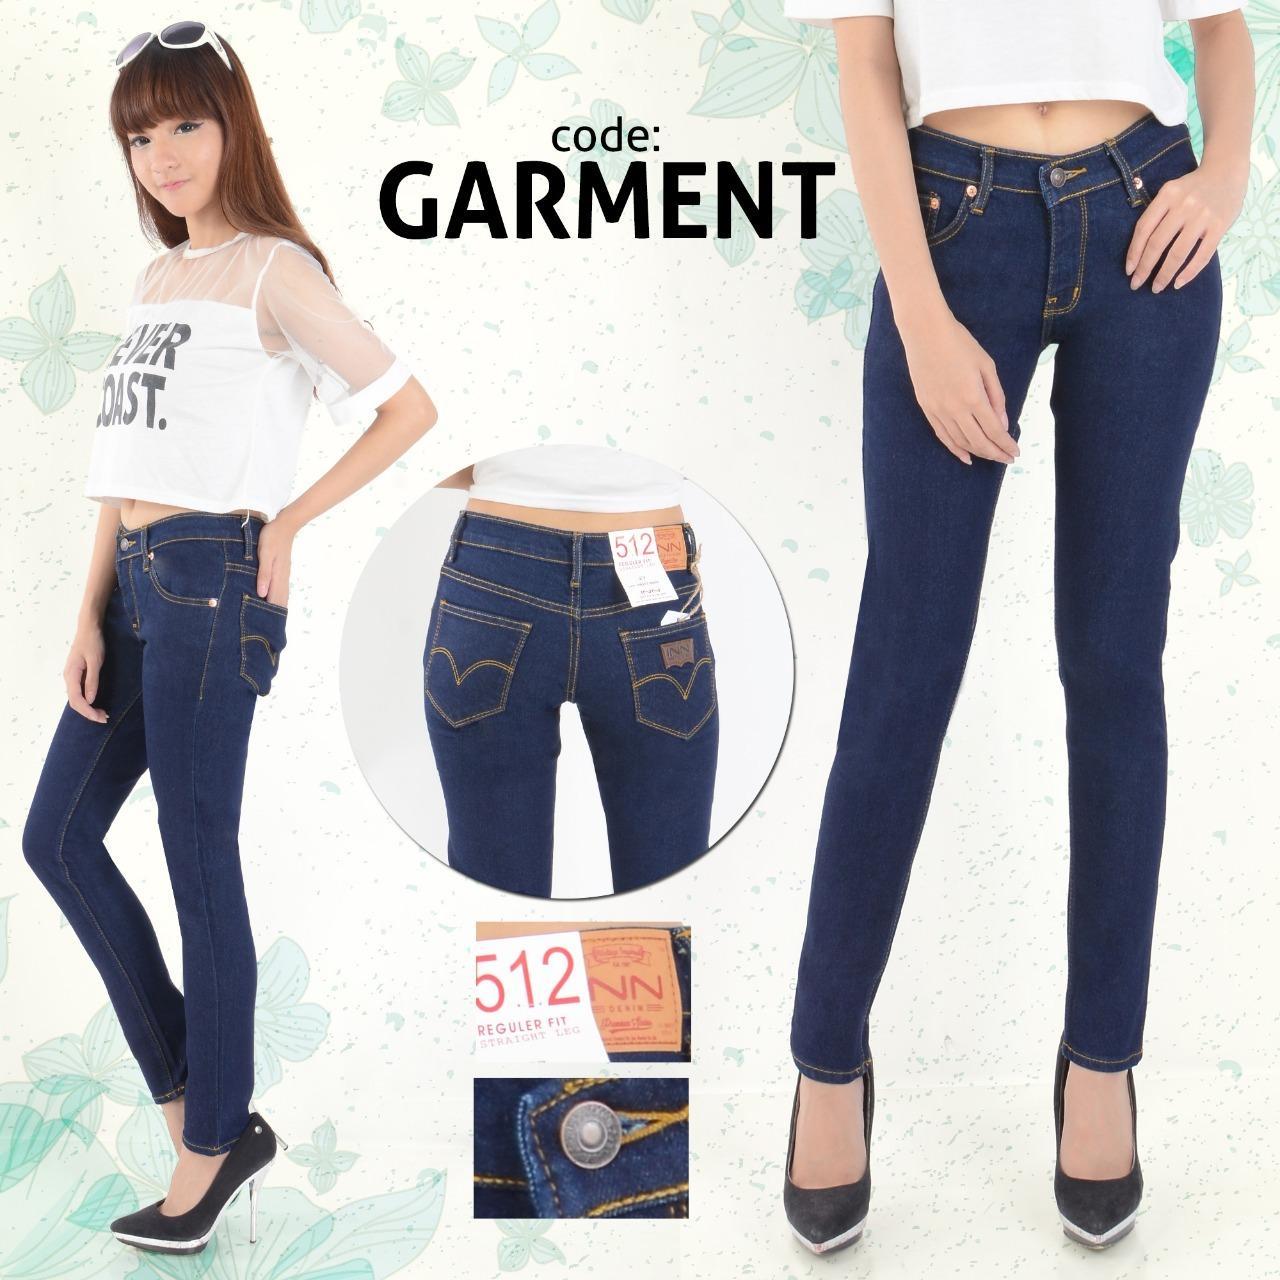 Toko Nusantara Jeans Celana Panjang Wanita Model Skinny Berbahan Soft Jeans Ripped Resleting Kuat Jahitan Rapi Murah Biru Dongker Lengkap Di Dki Jakarta